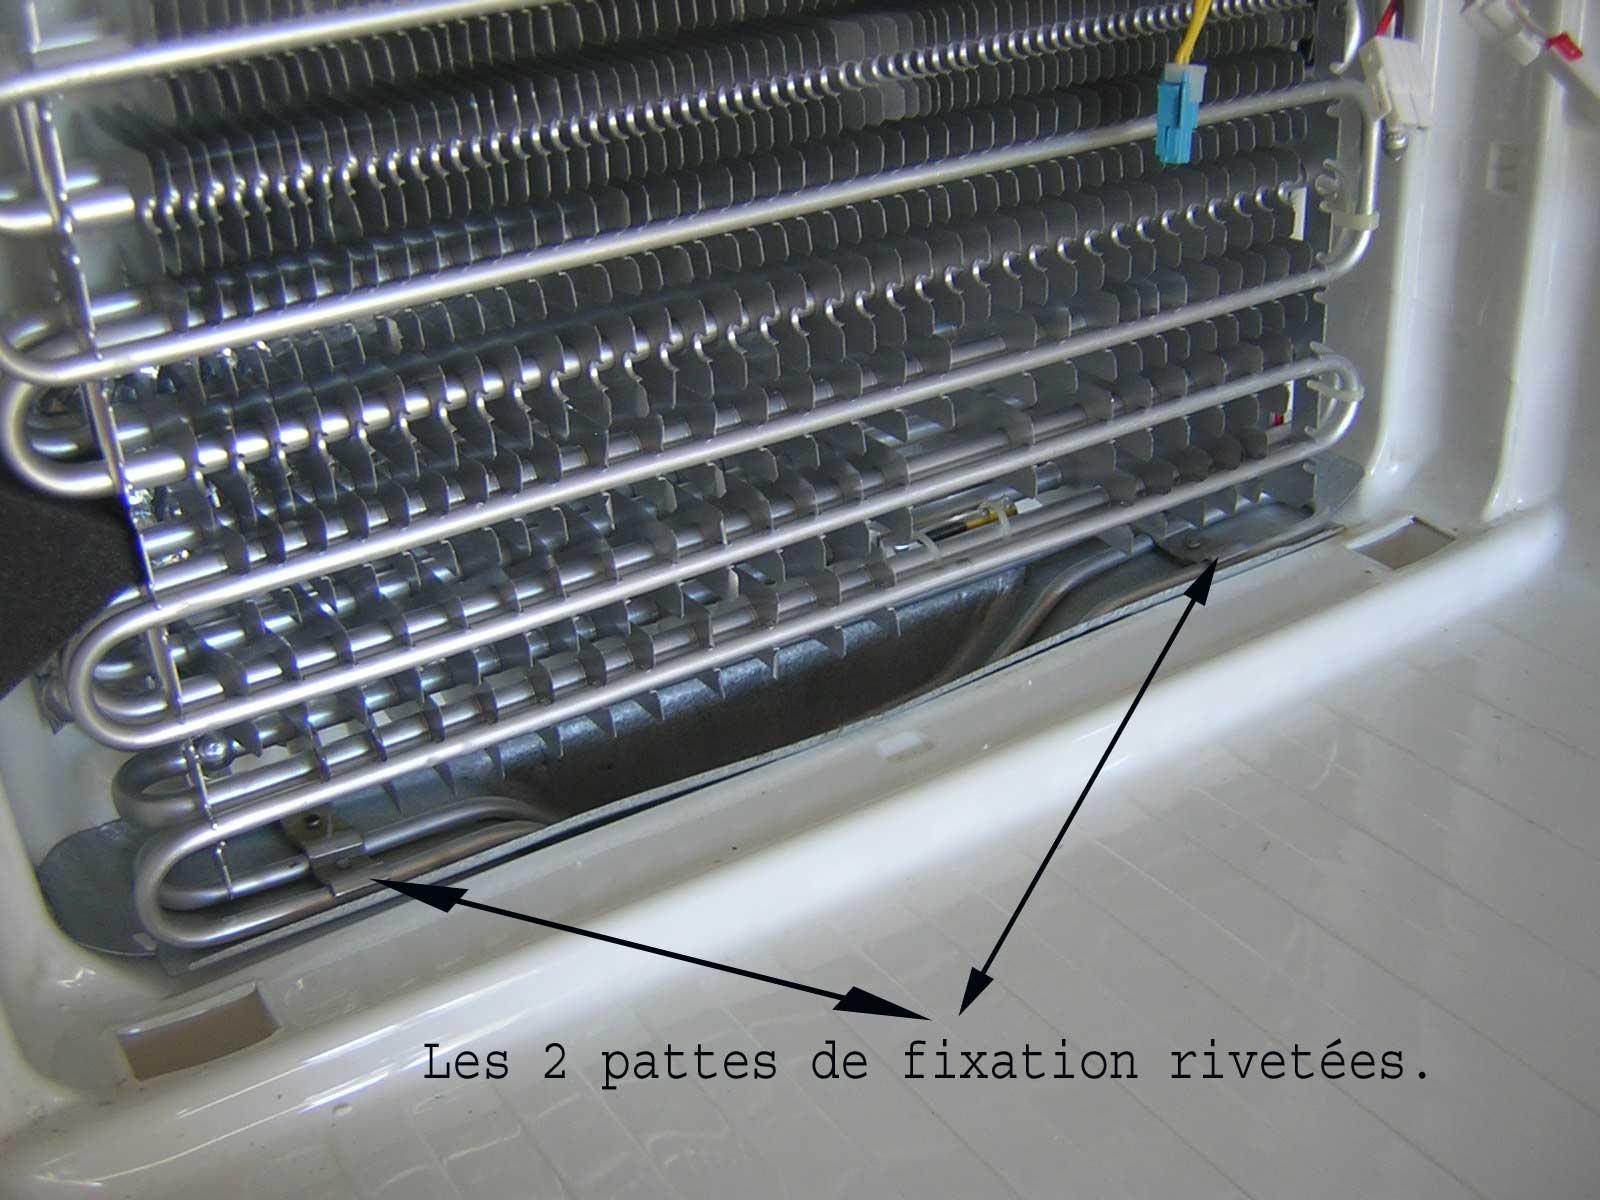 Comment degivrer un frigo - Schema electrique refrigerateur no frost ...